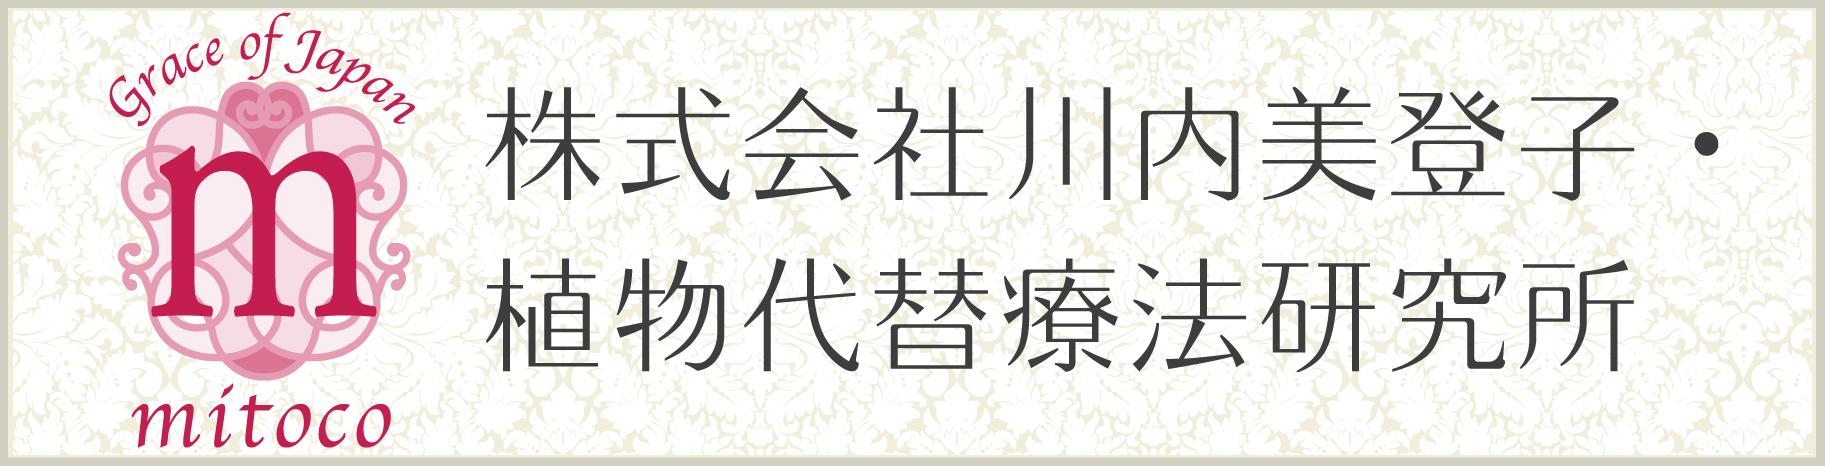 ㈱川内美登子・植物代替療法研究所